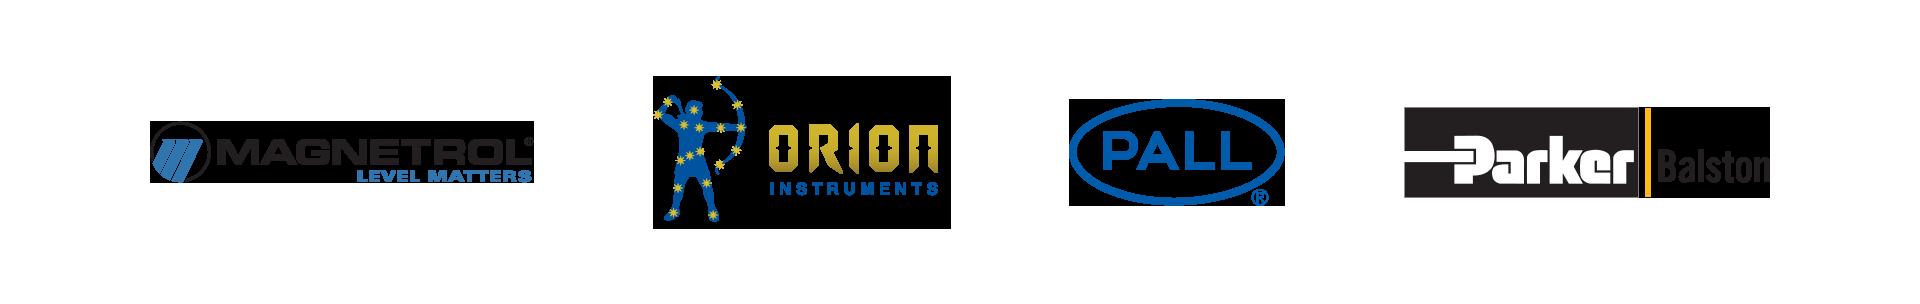 logos slide 2